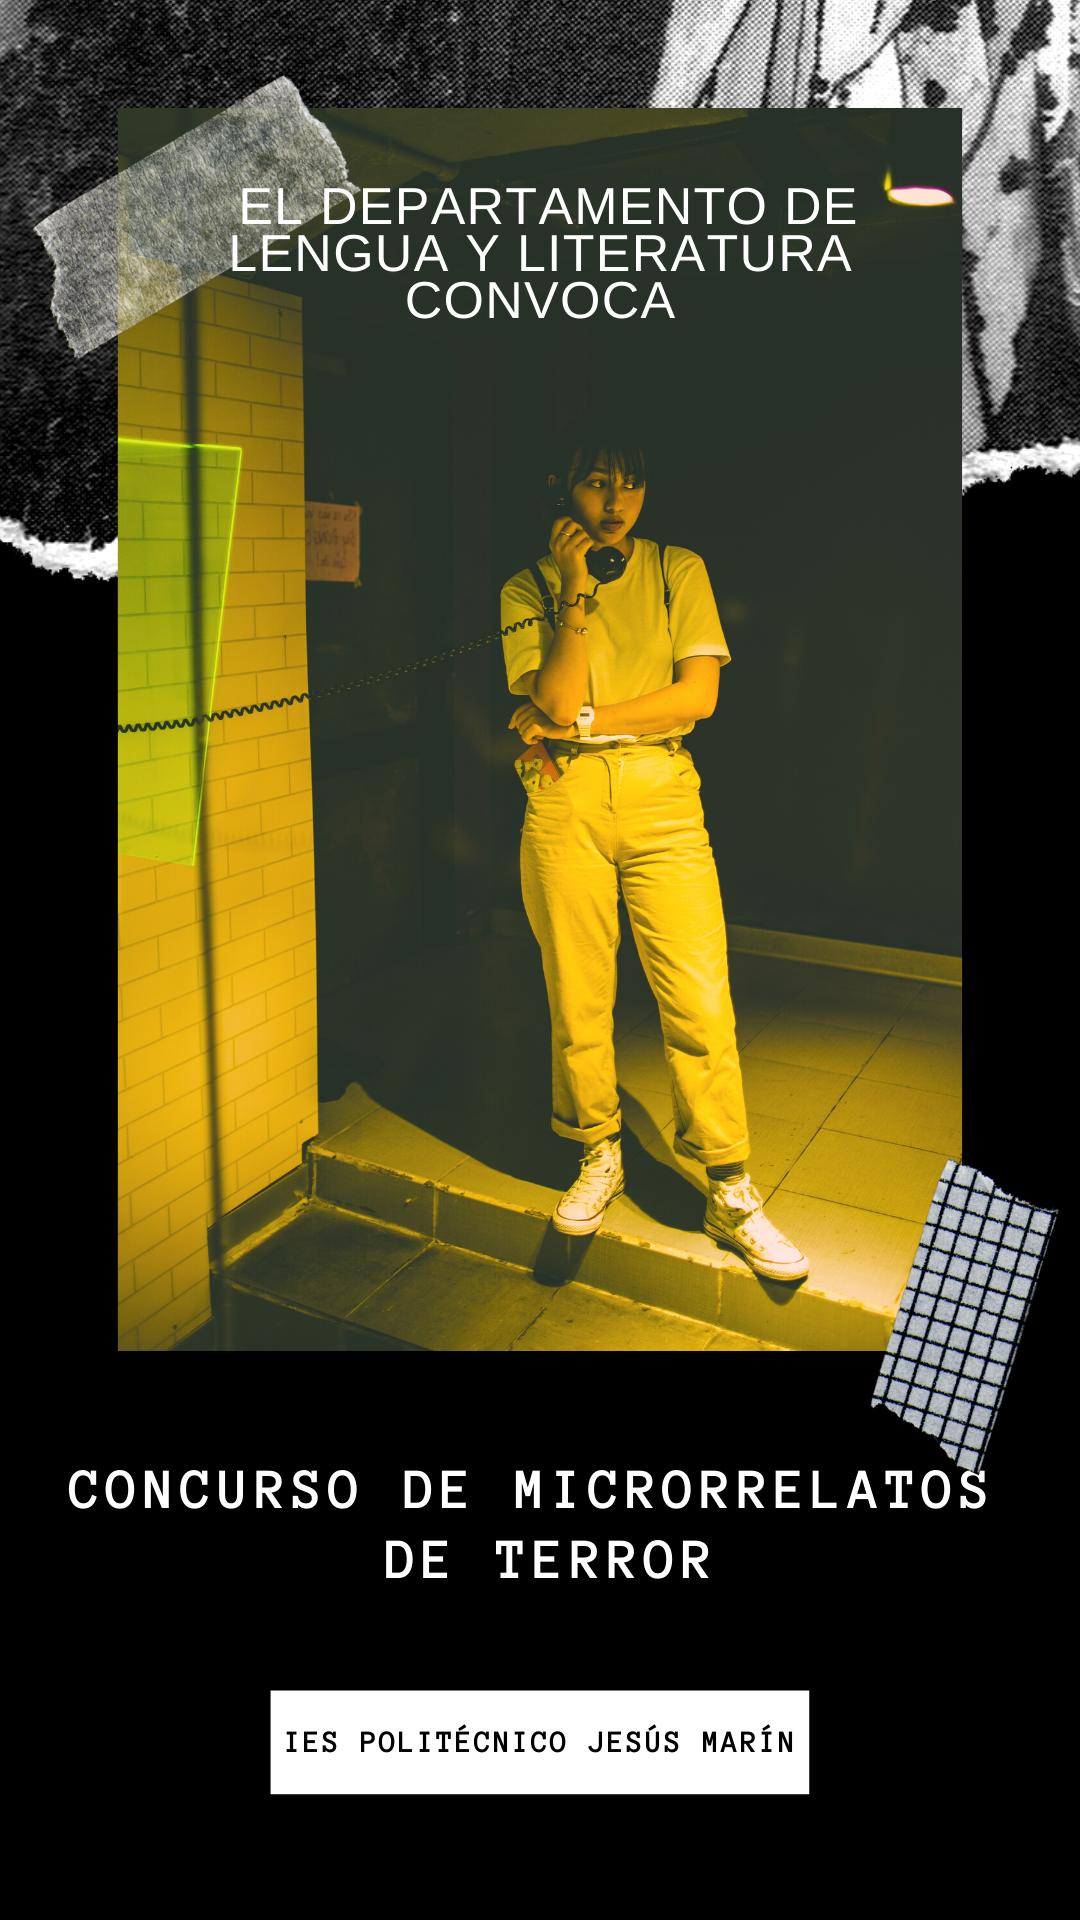 Imagen de la noticia: CONCURSO DE MICRORRELATOS